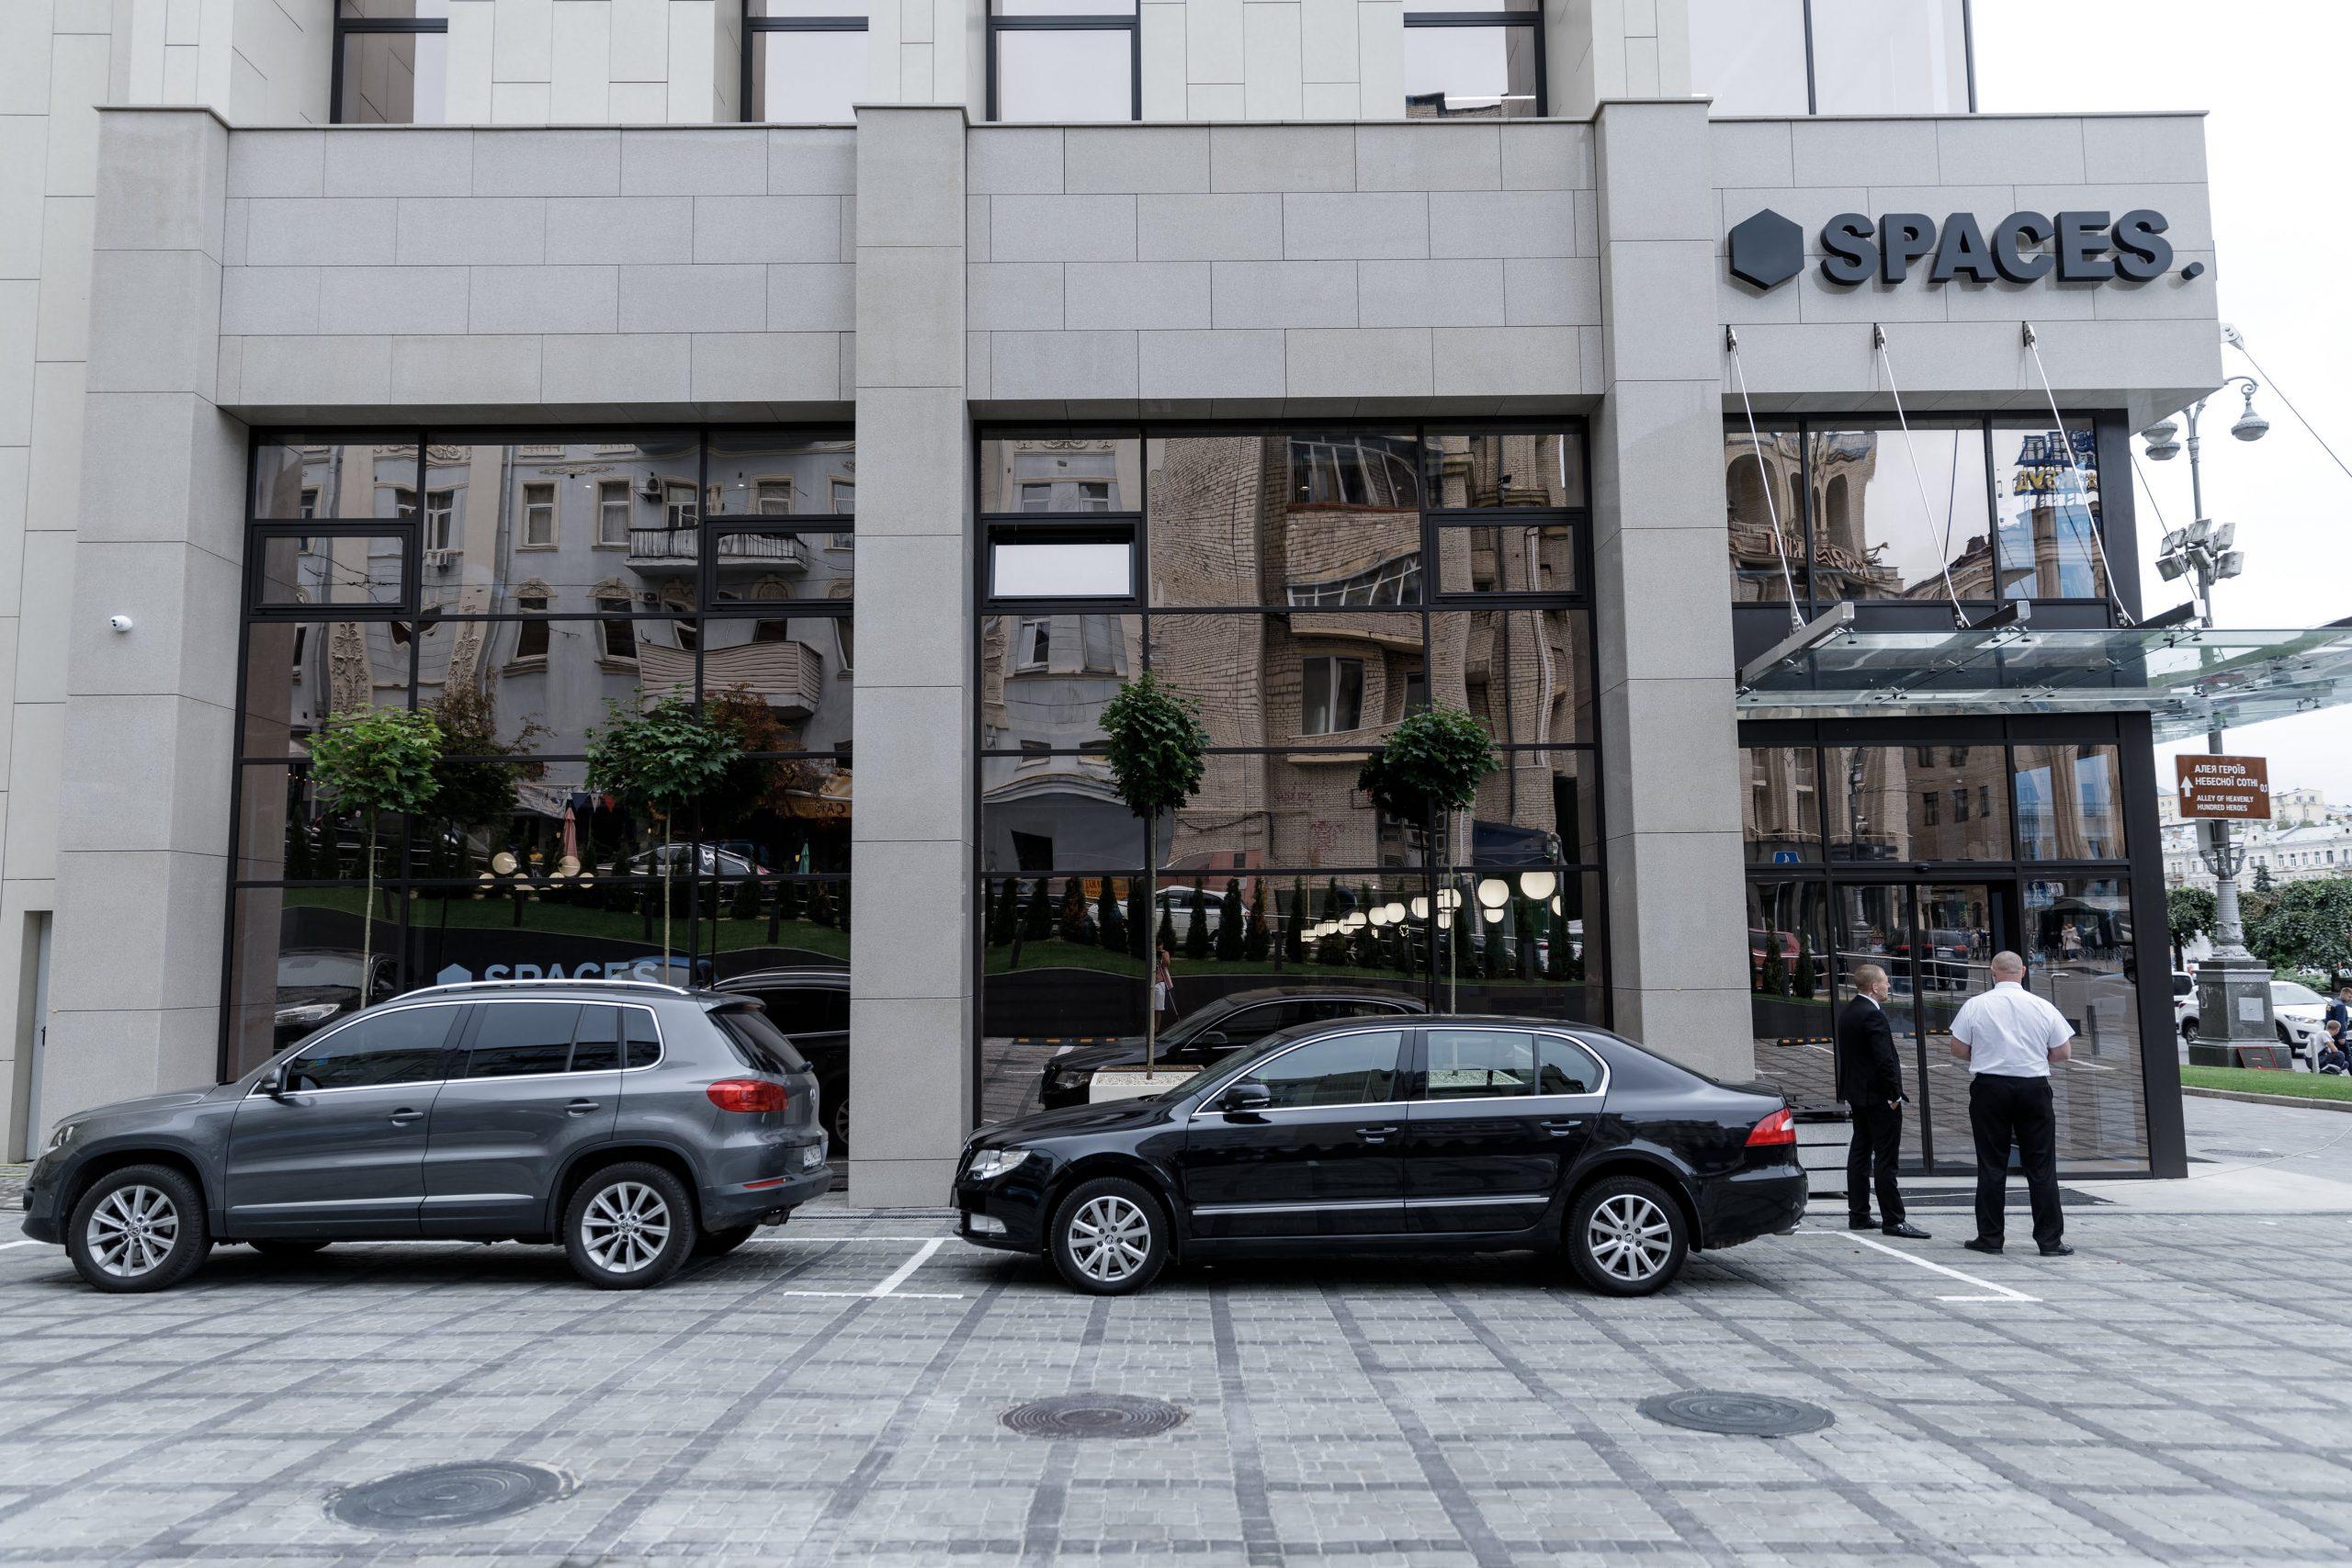 Administrativní budova SPACES v Kyjově s prosklenými zdmi